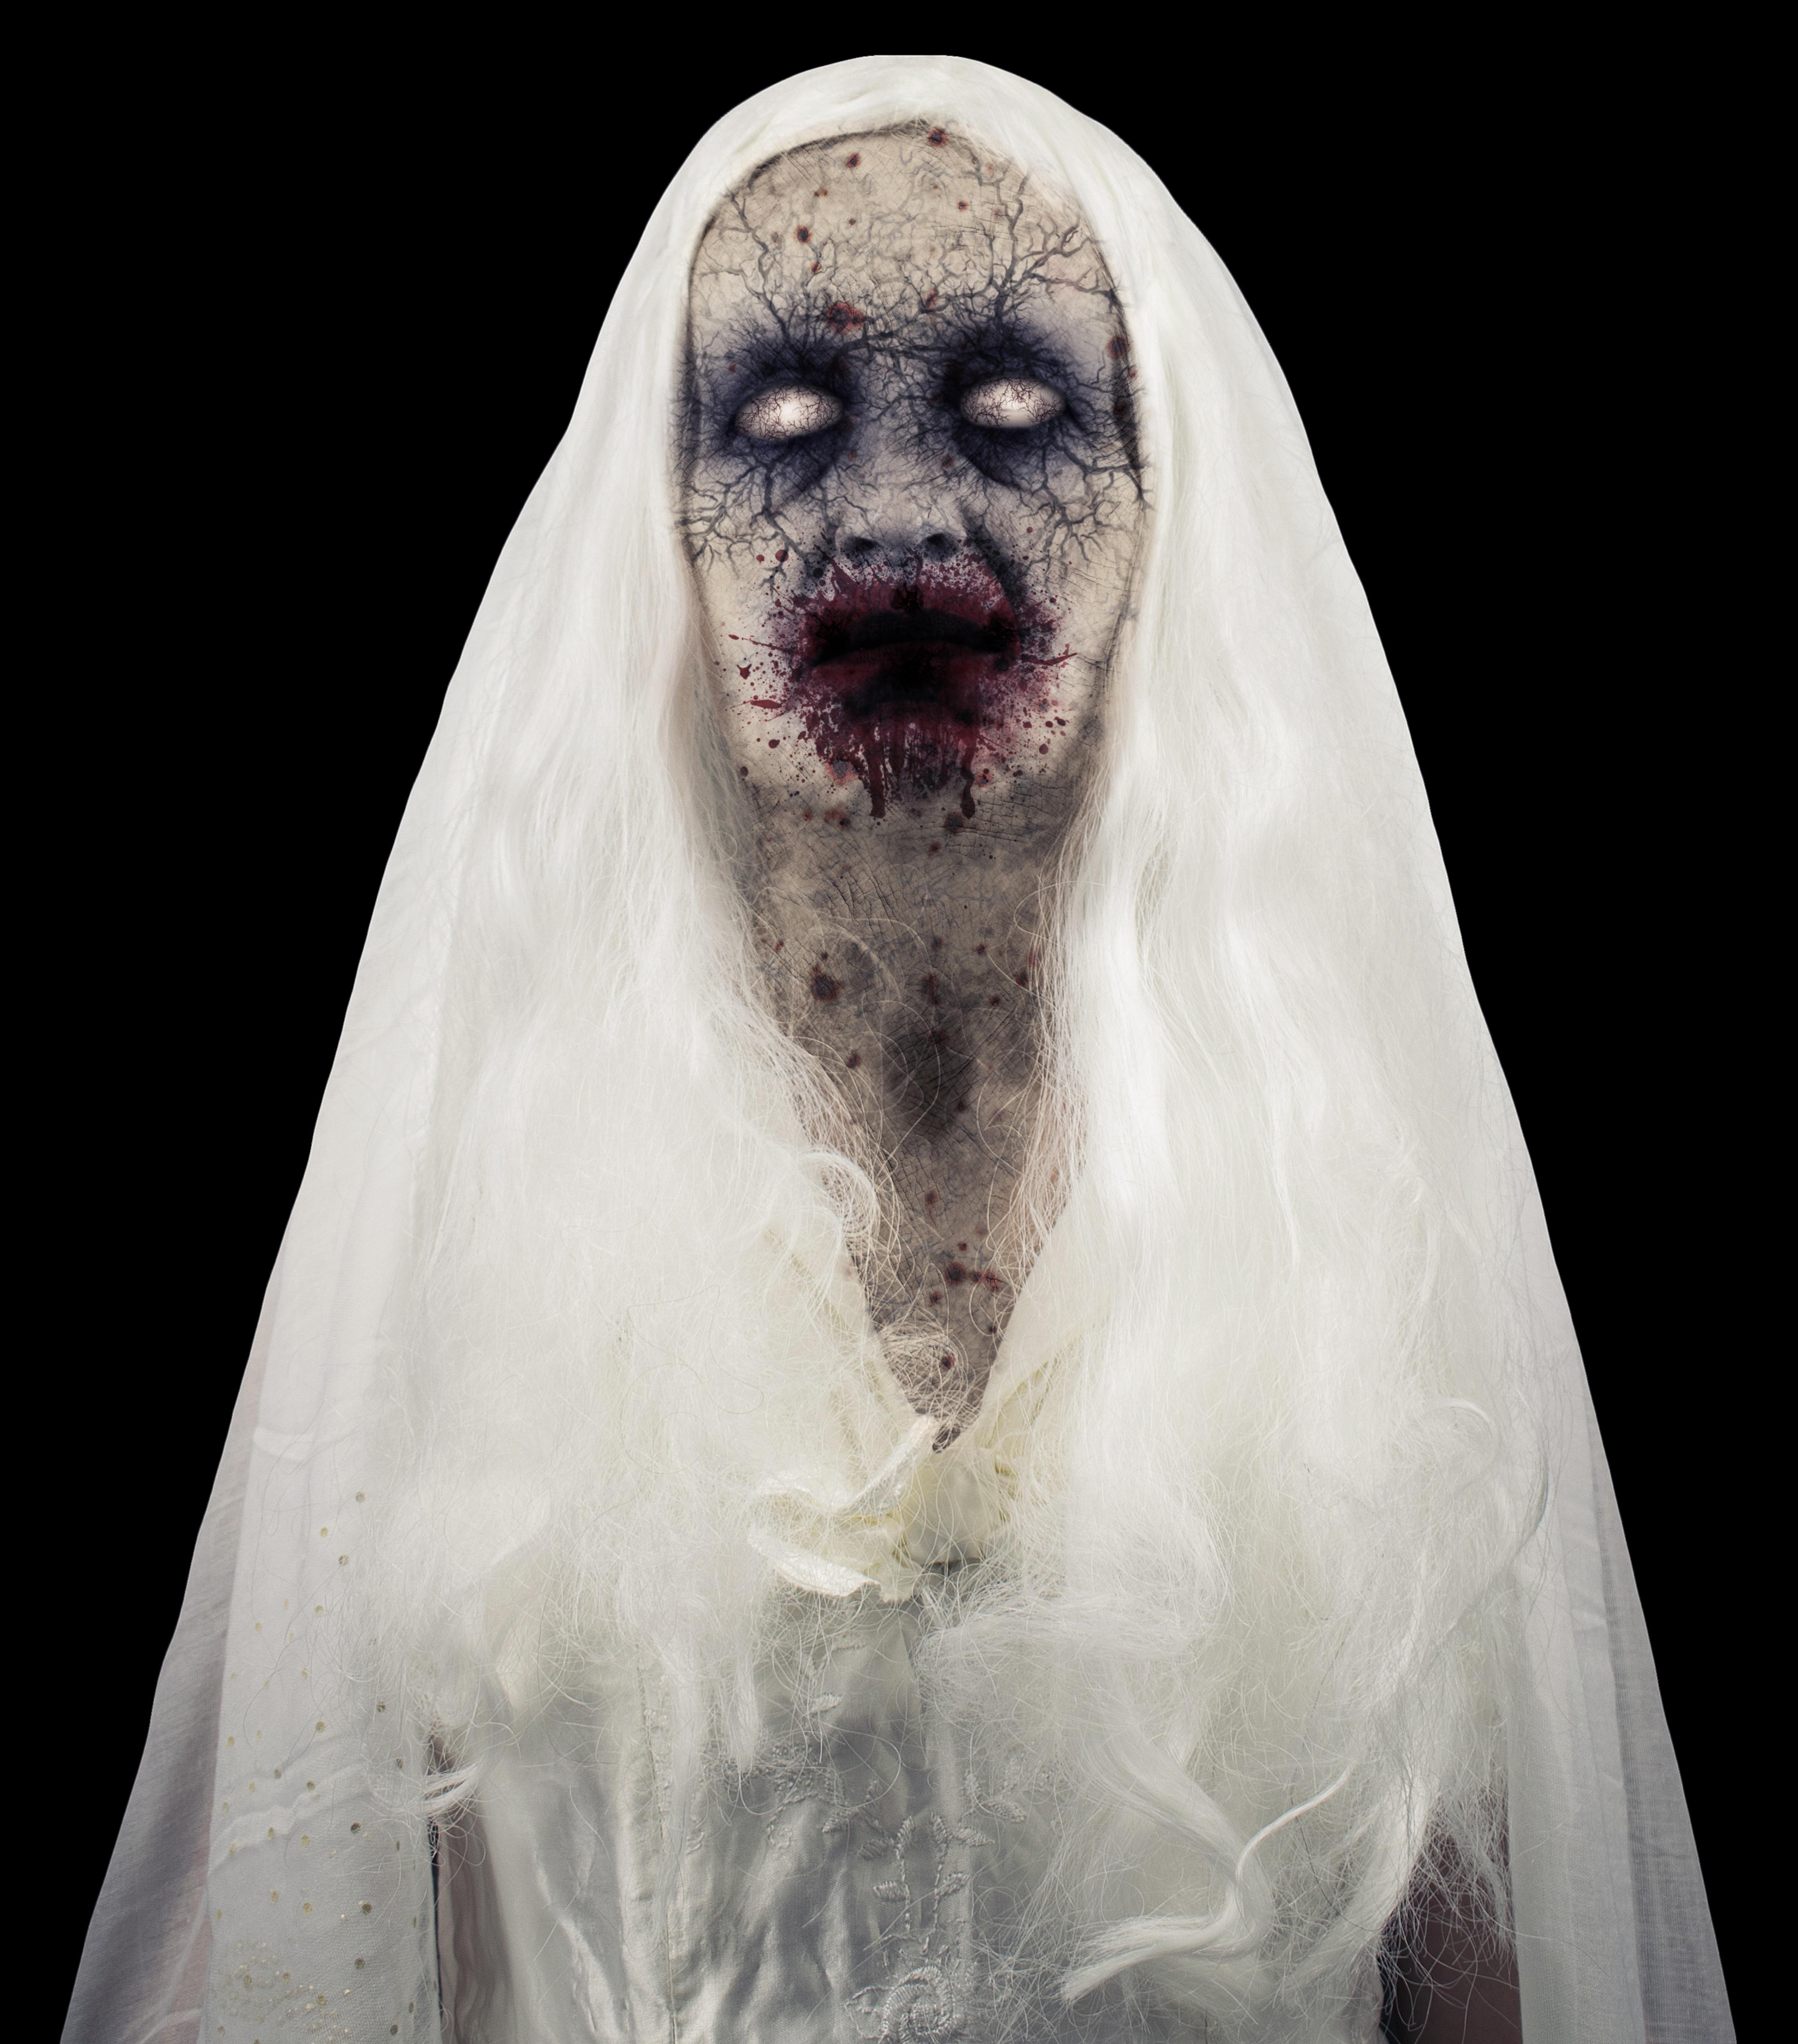 Un fantôme zombie